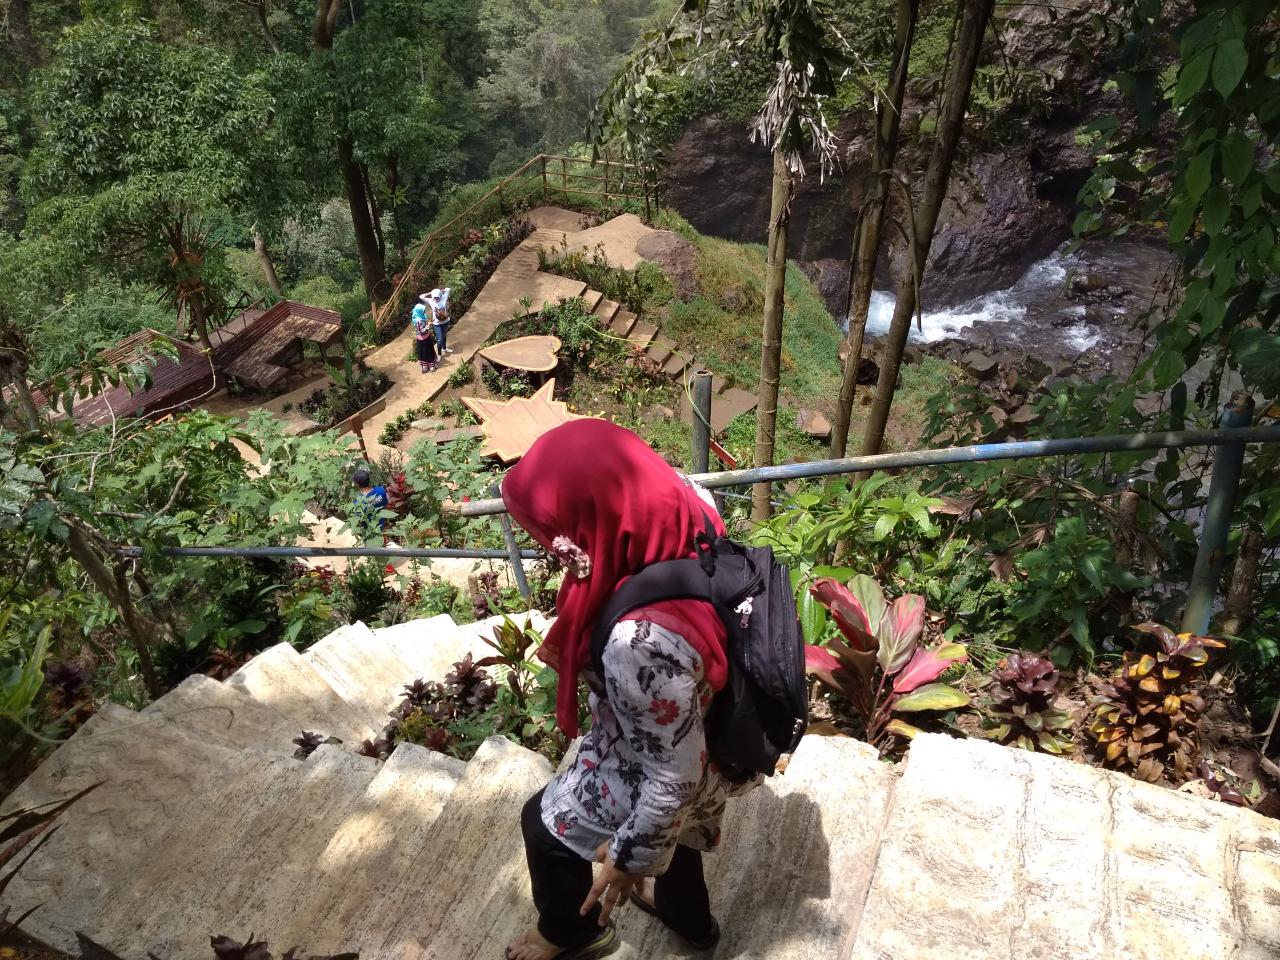 Lima Destinasi Wisata Coban di Batas Timur Kabupaten Malang yang Wajib Kamu Tahu!